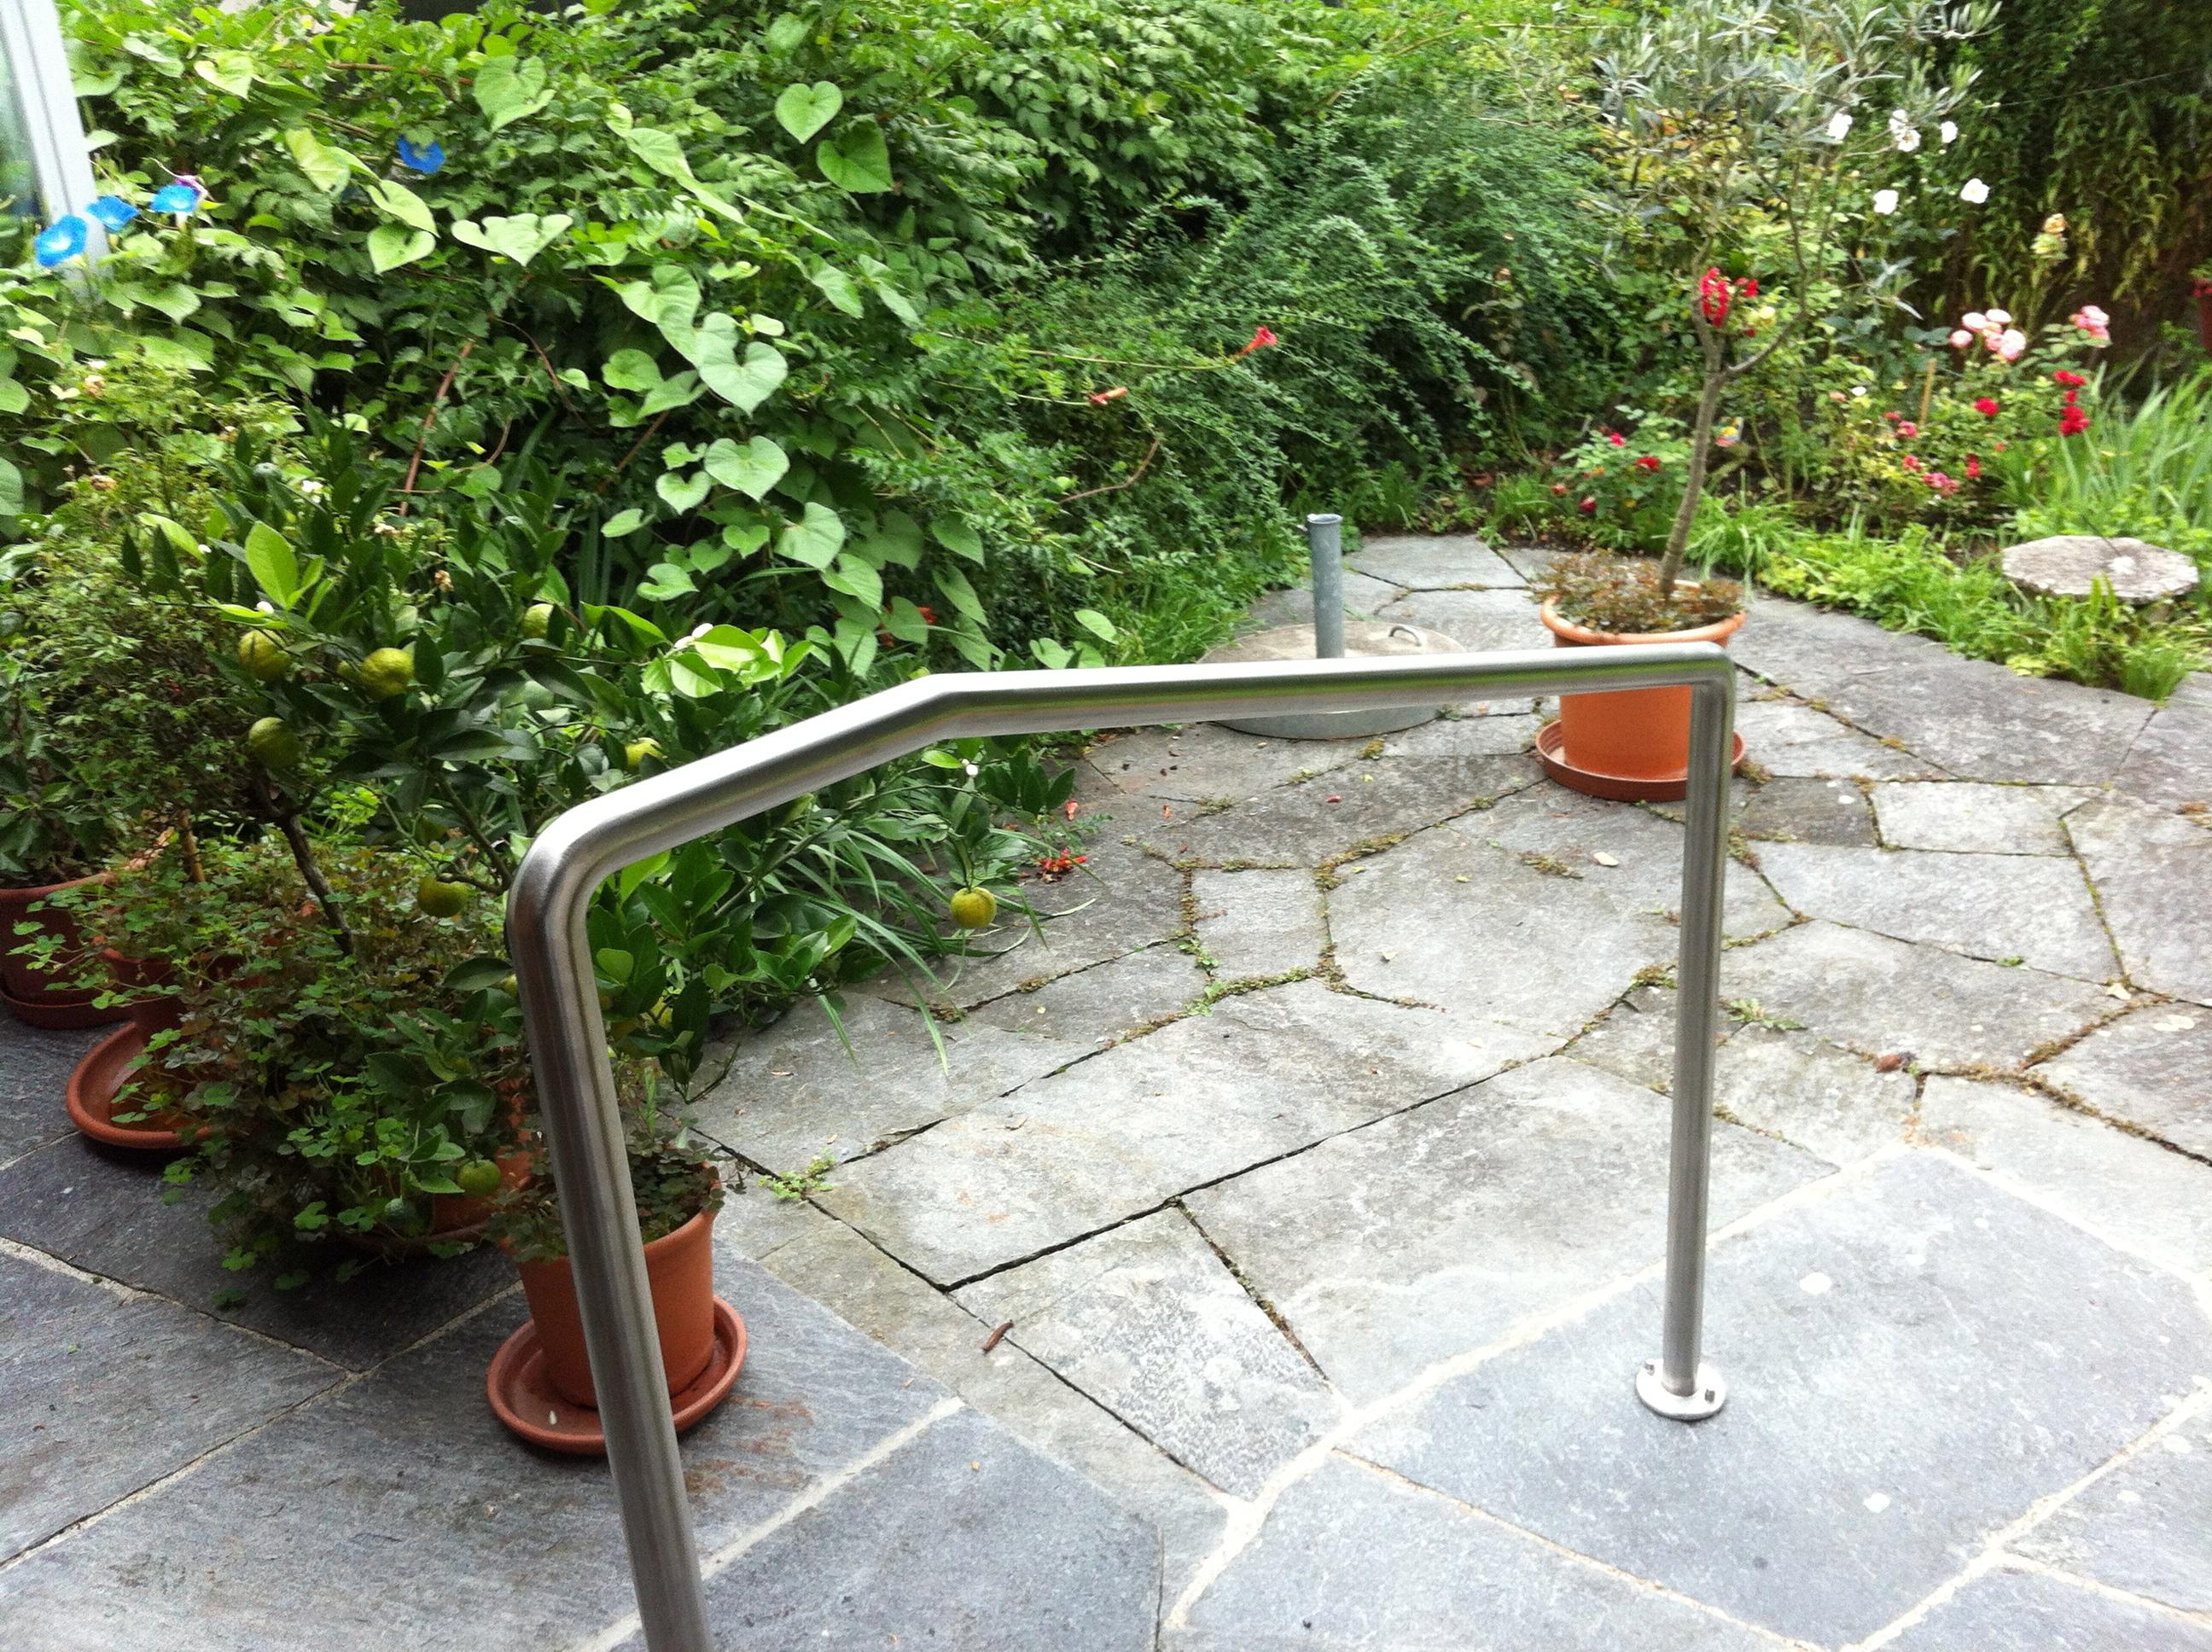 Umbau handlauf garten plamenig gu for Garten umbau